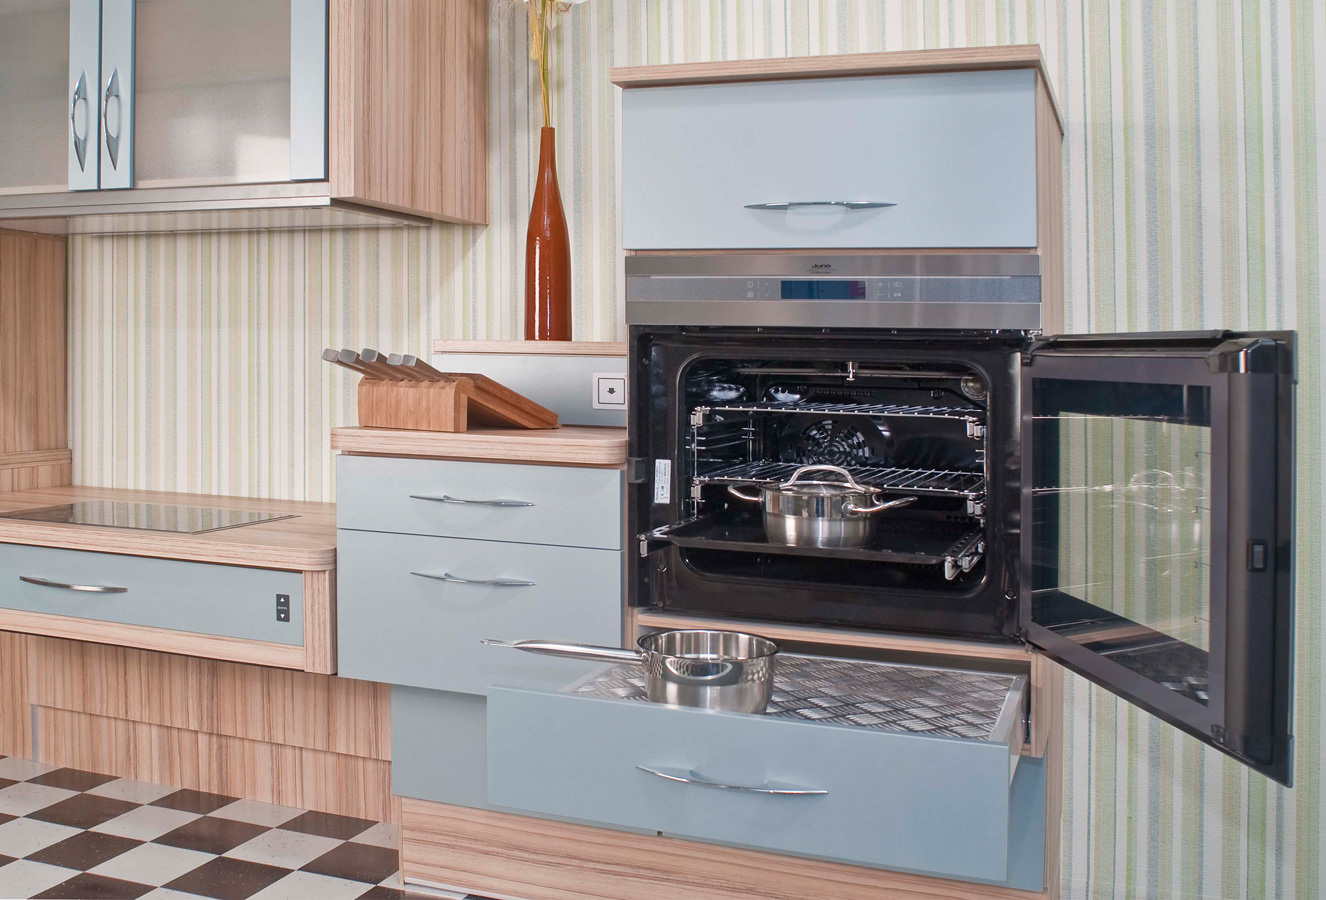 Full Size of Küche Mit Geräten Komplette Büroküche Wasserhähne Landhausküche Gebraucht Bank Unterschrank Deckenleuchte Polsterbank Amerikanische Kaufen Doppel Küche Behindertengerechte Küche